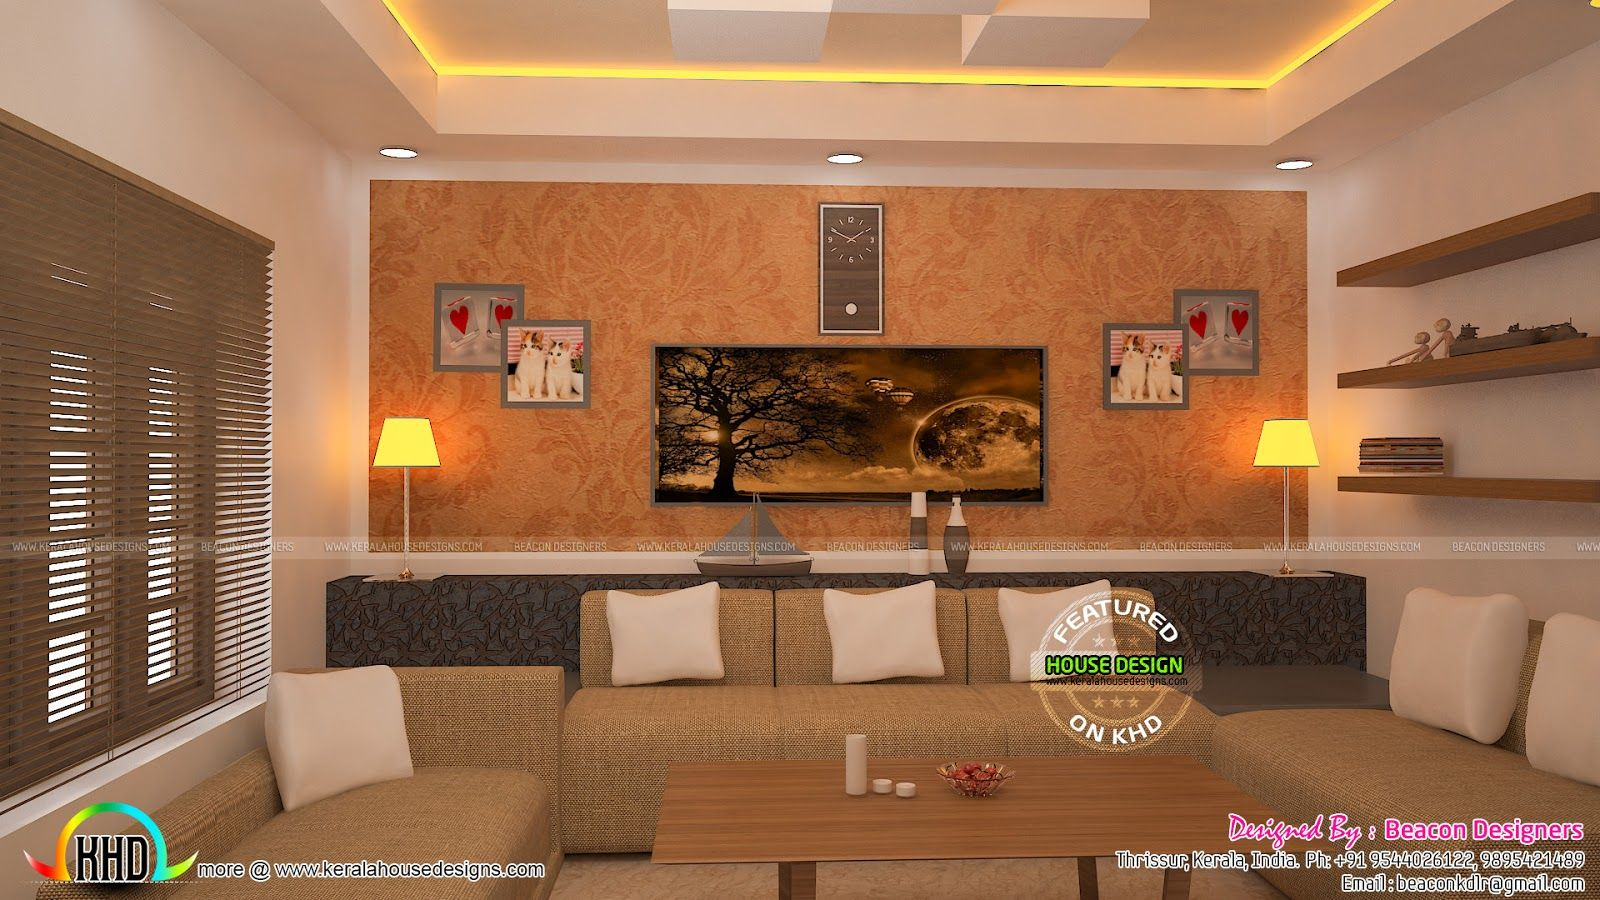 Kerala house design houses living room interior square feet floor plans also pin by  murali krishna on rh pinterest